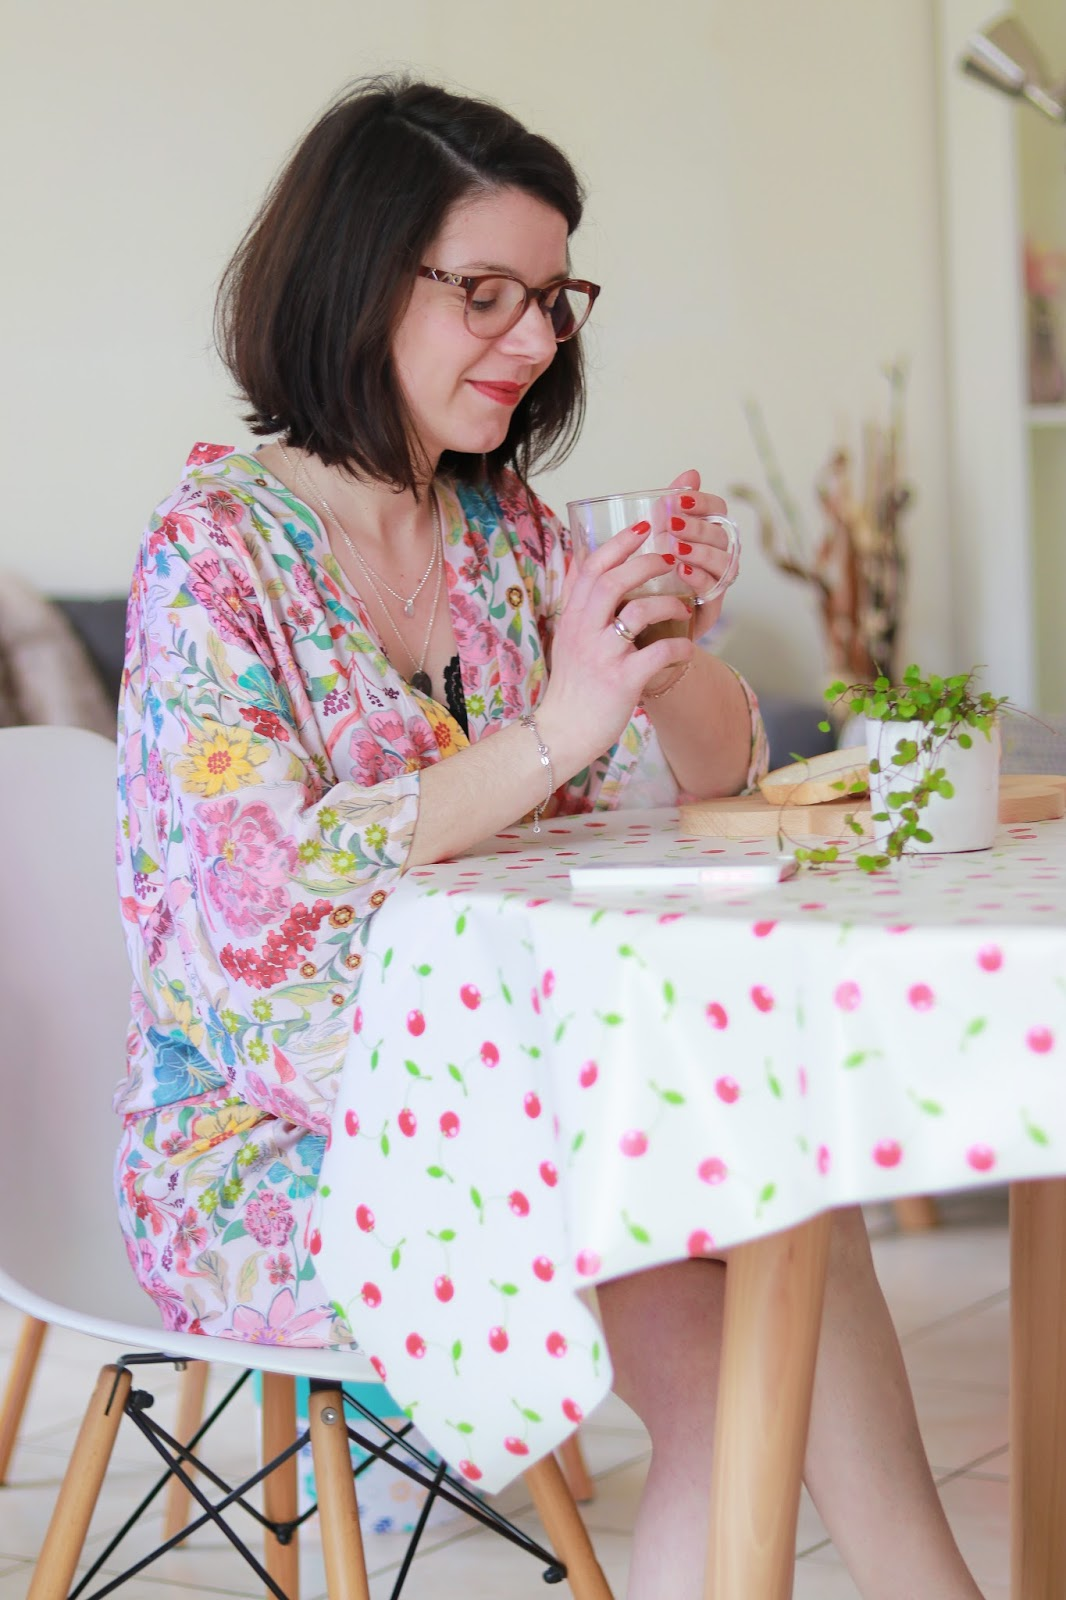 les gommettes de melo printemps kimono fleurs glamuse lingerie homewear nuisette cocooning morning routine